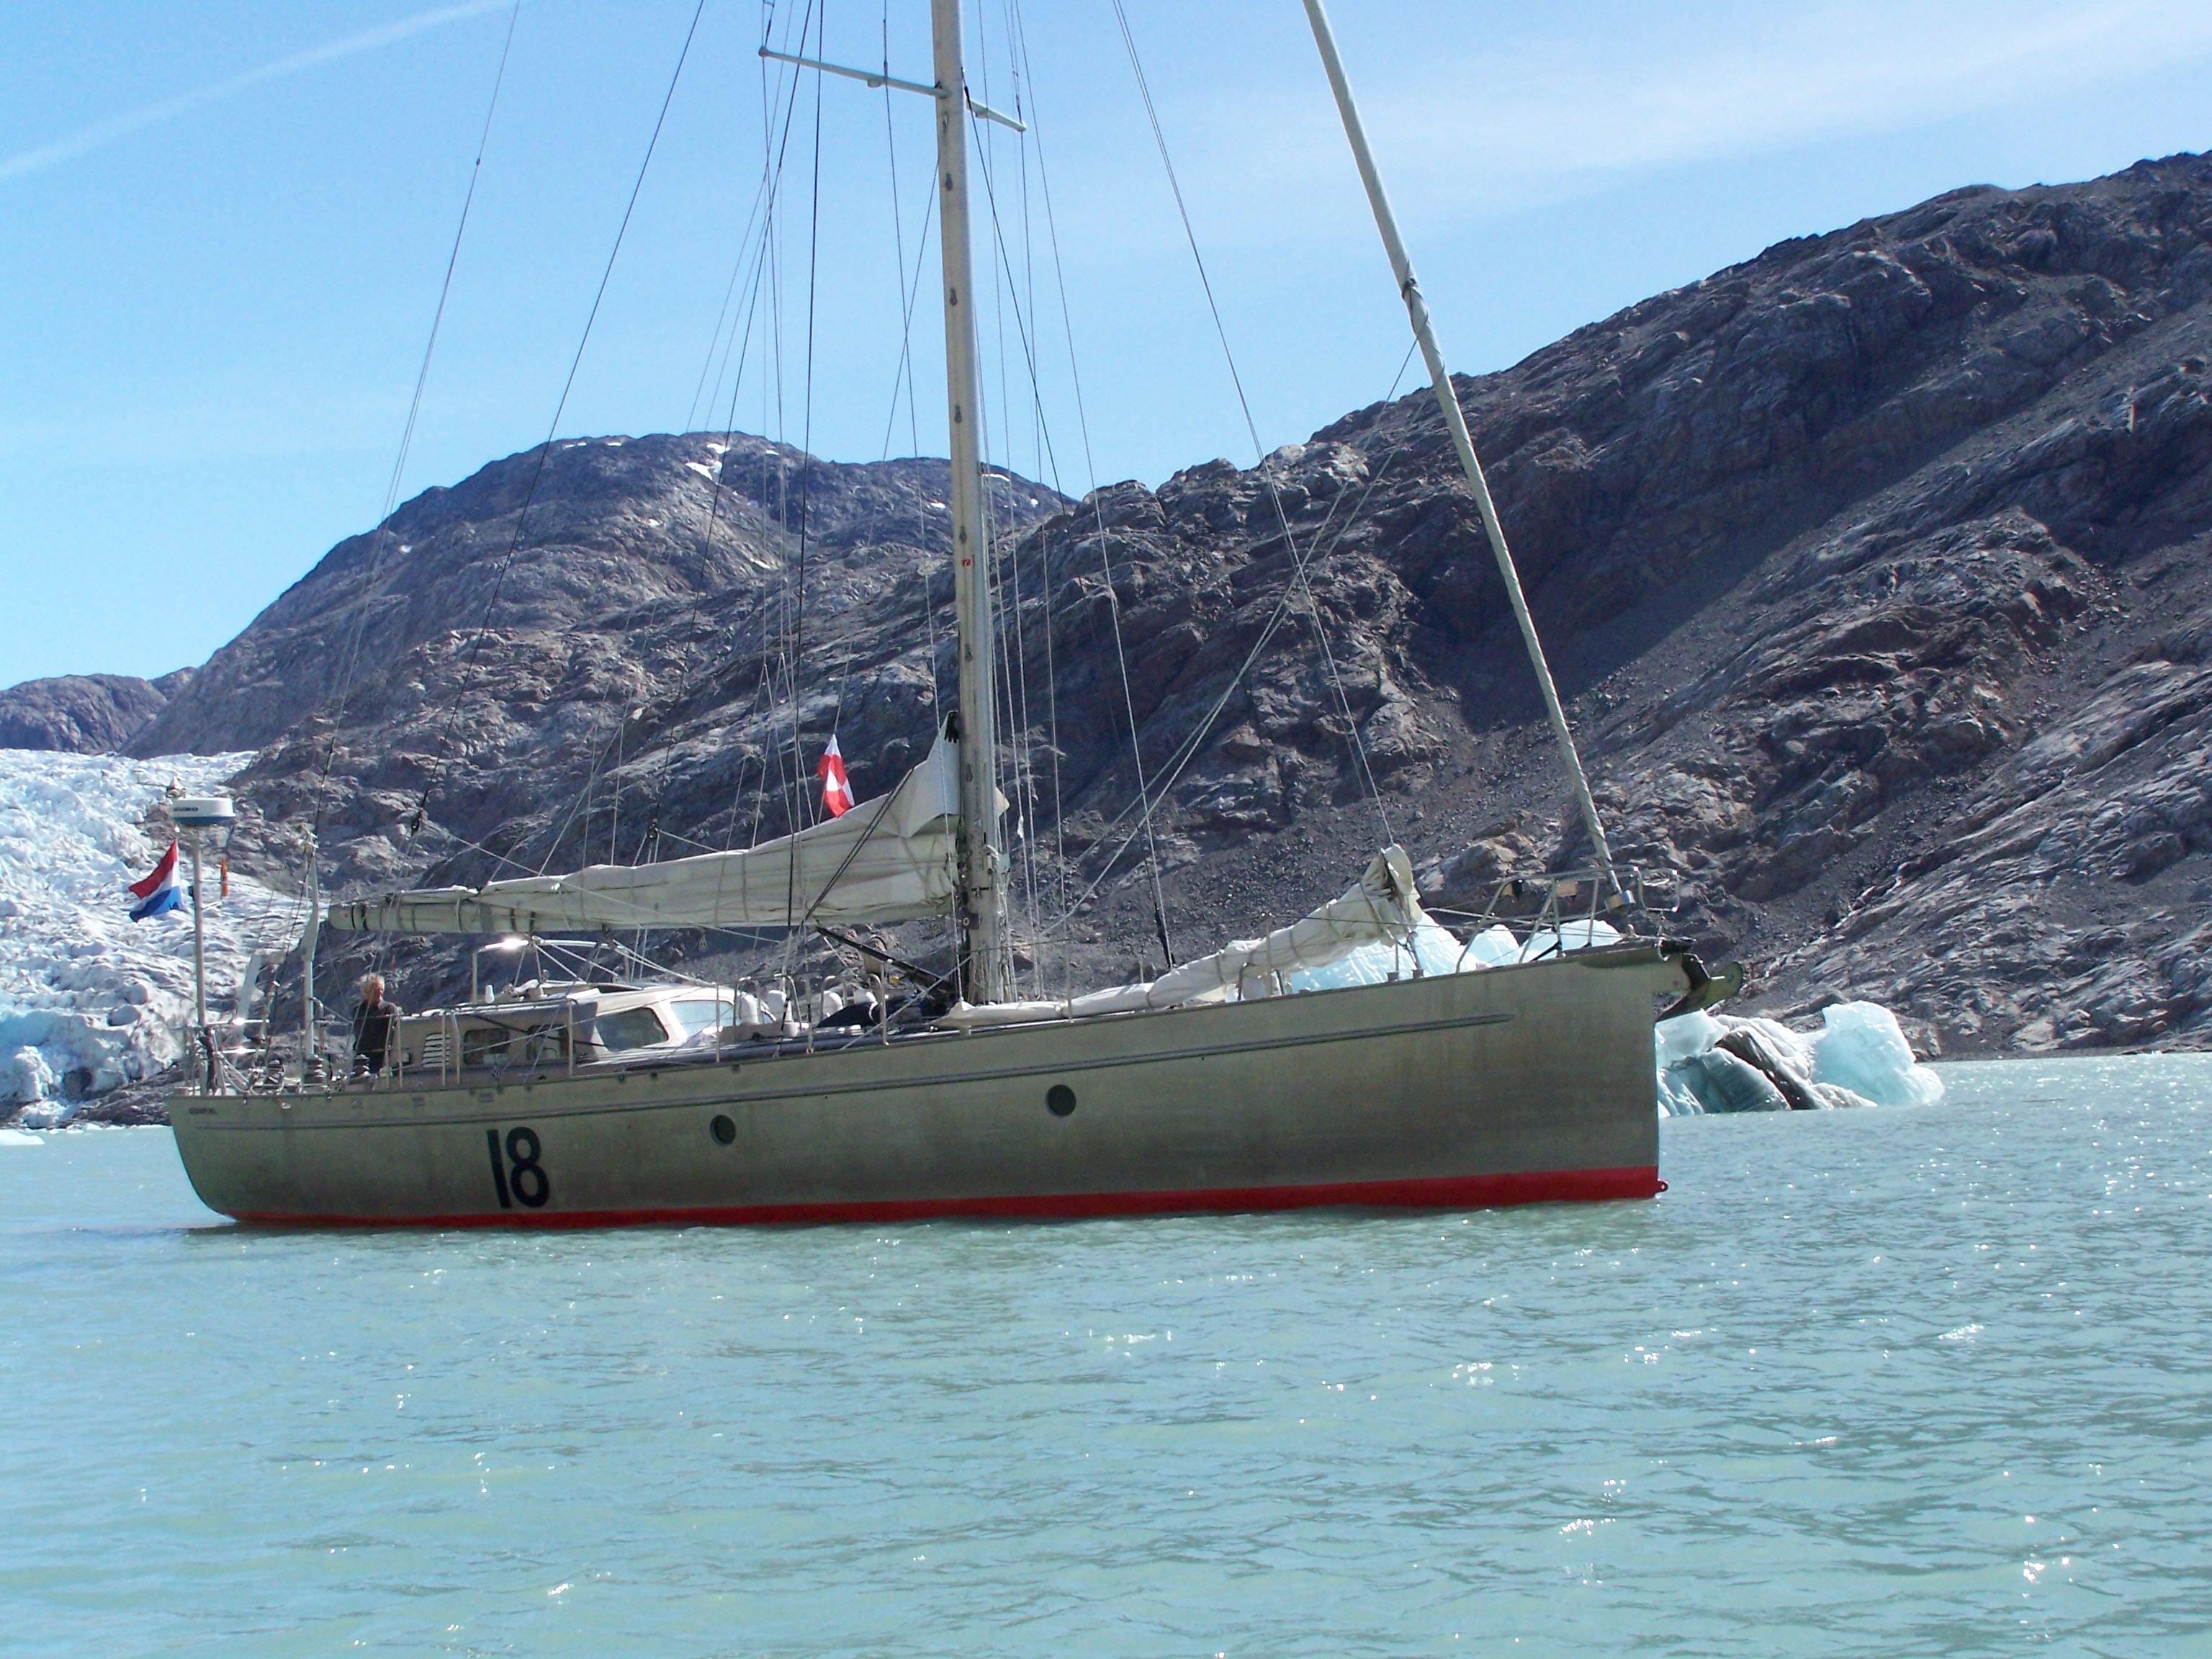 Bestevaer-53ST-sailing-yacht-Bestevaer-I-owned-by-Gerard-Dijkstra